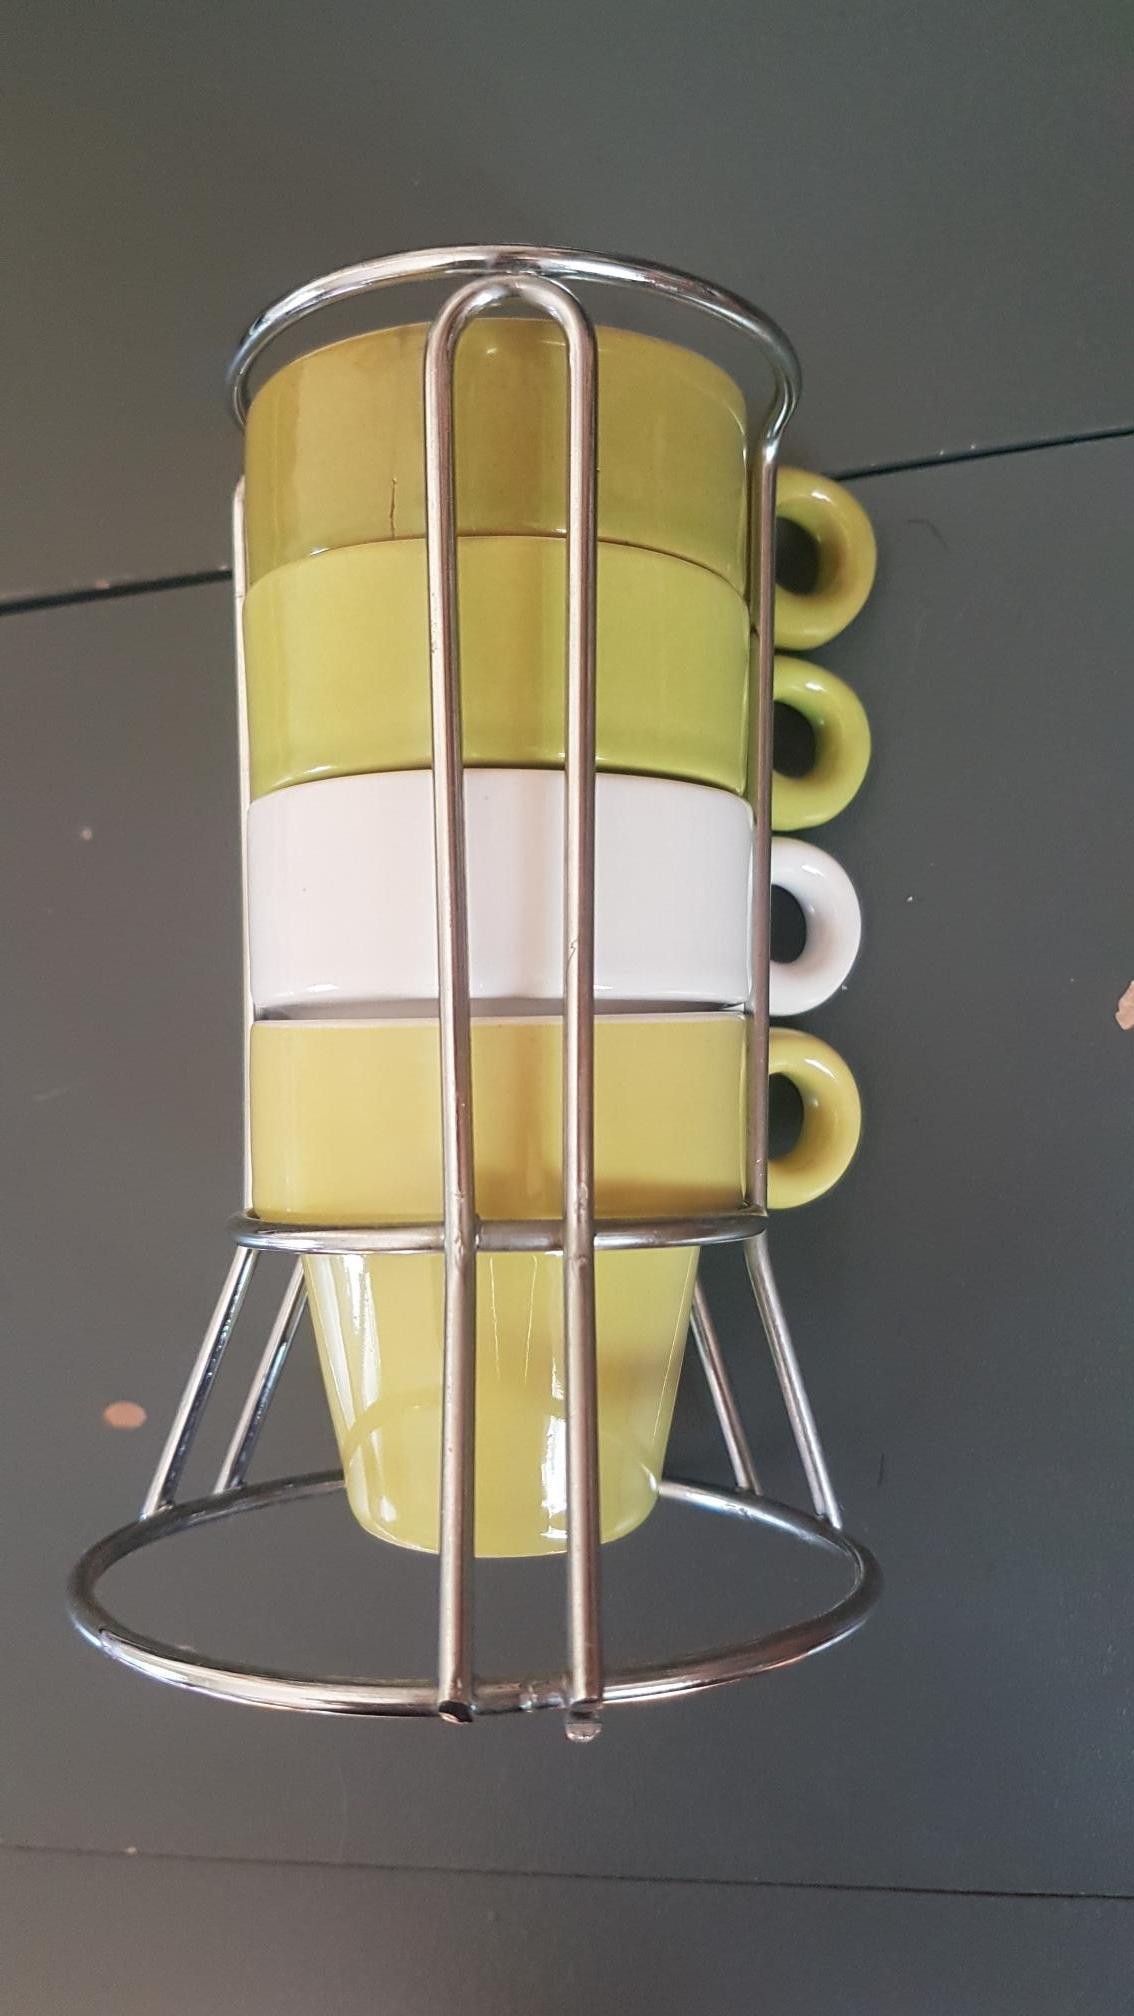 troc de troc 4 petites tasses à café et leur support image 0